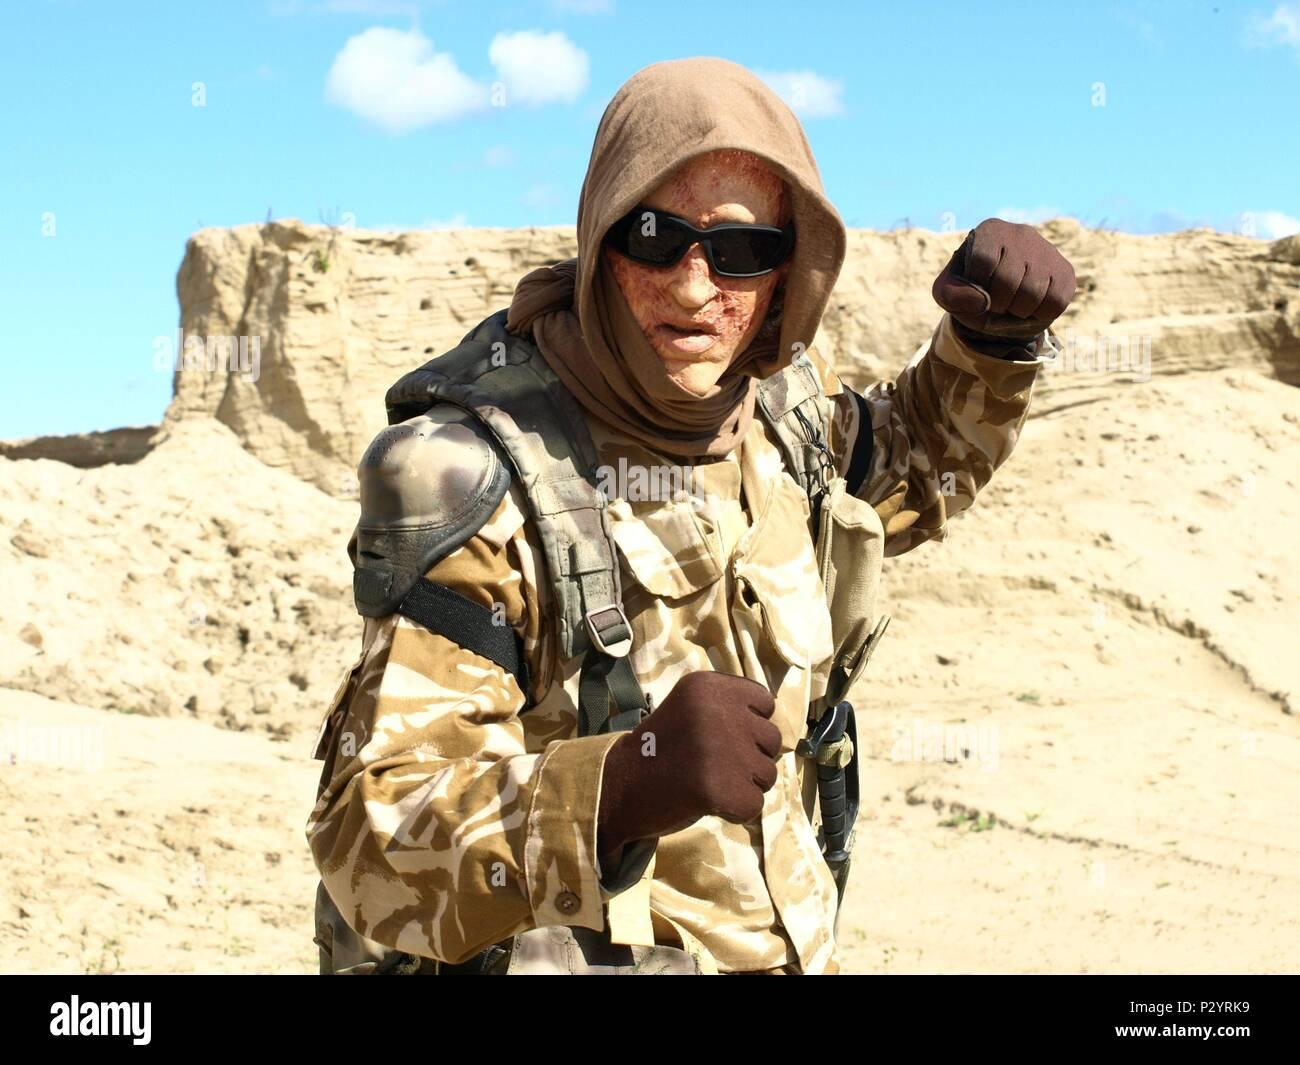 دانلود فیلم echelon conspiracy 2009